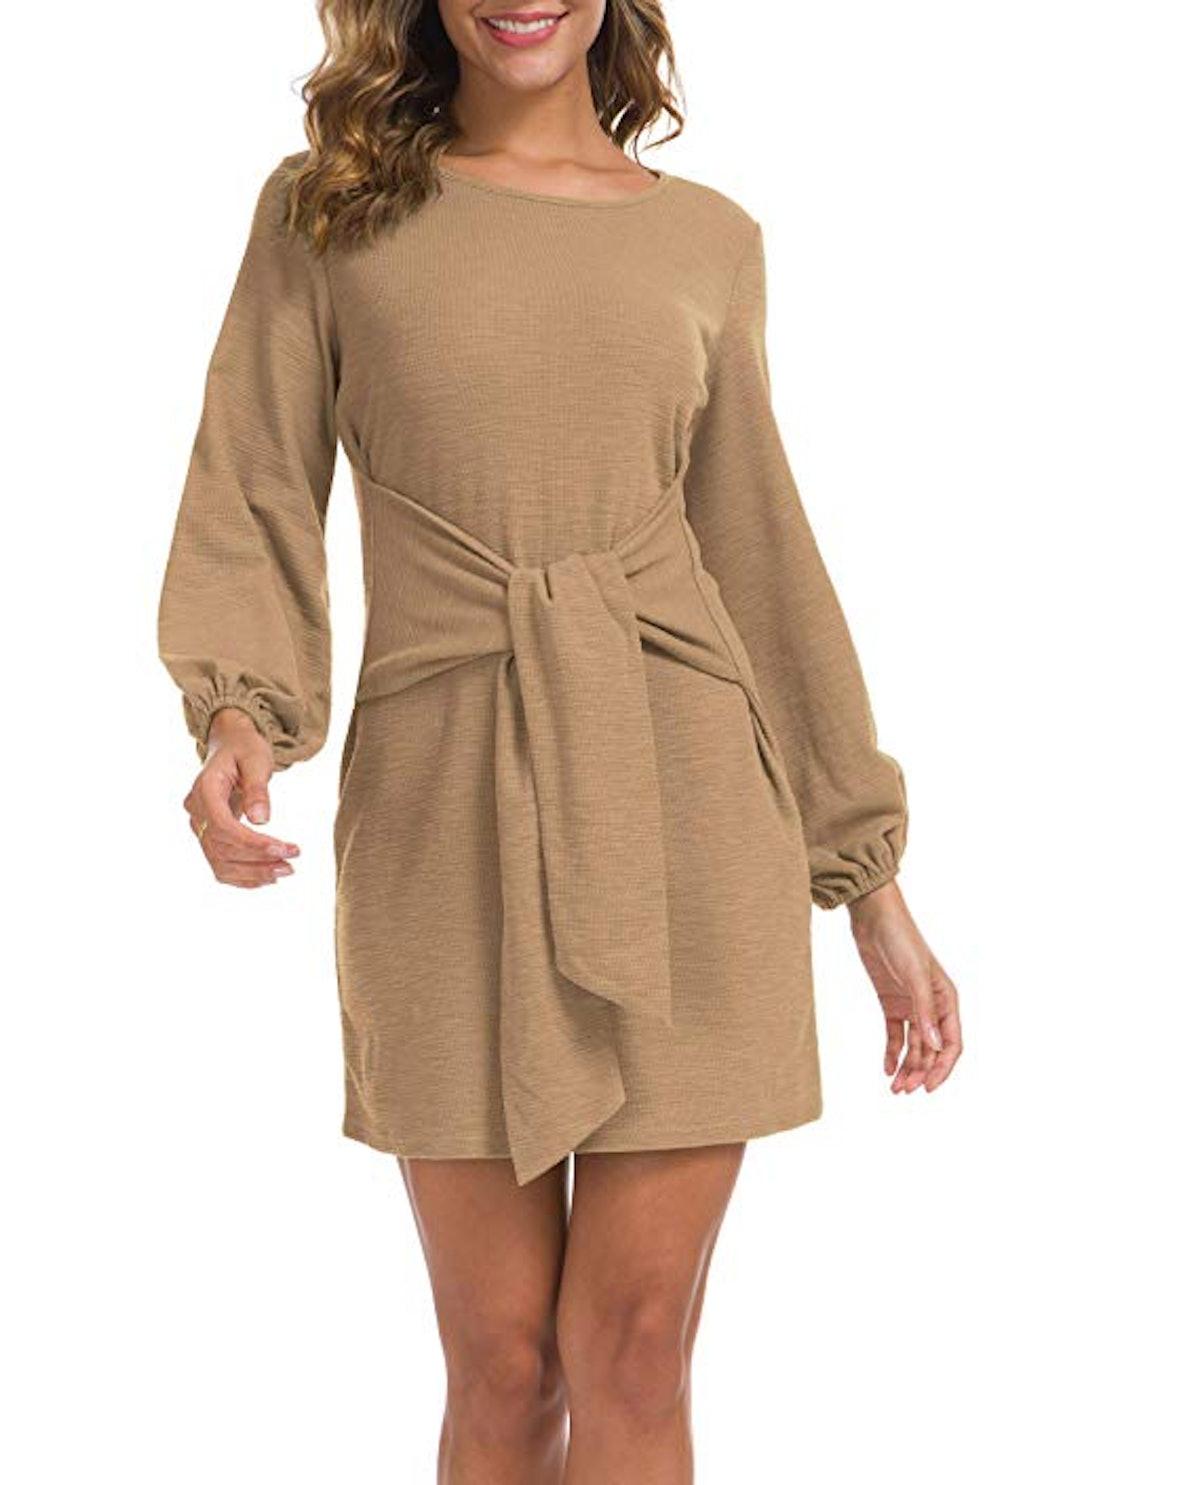 Lionstill Casual Tie Waist Sweater Dress